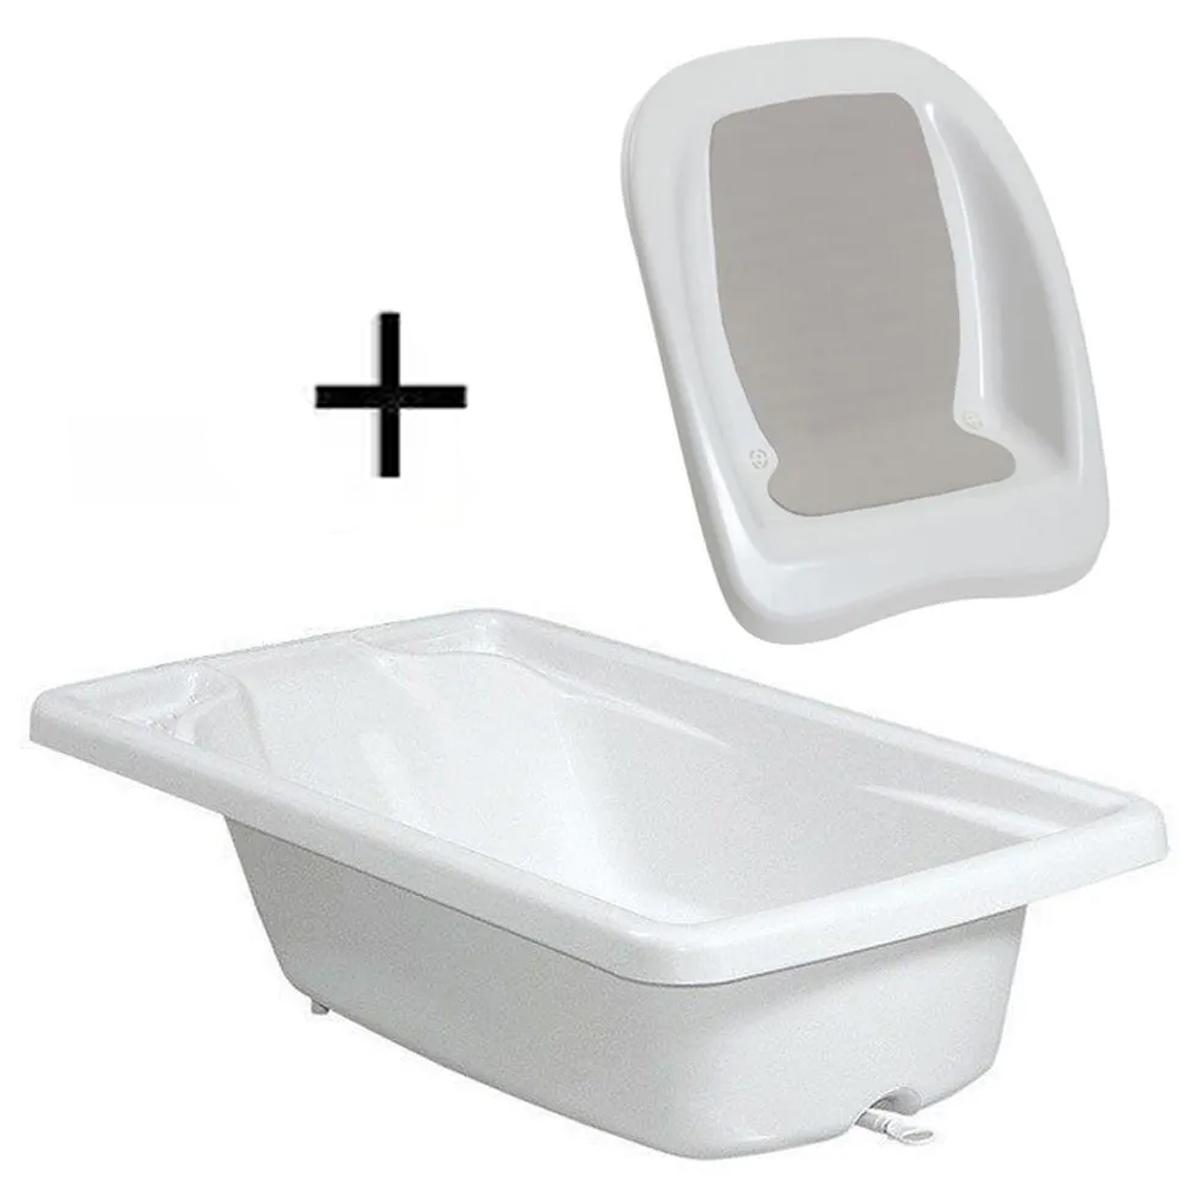 Banheira Branca Rigída Galzerano + Redutor de Assento